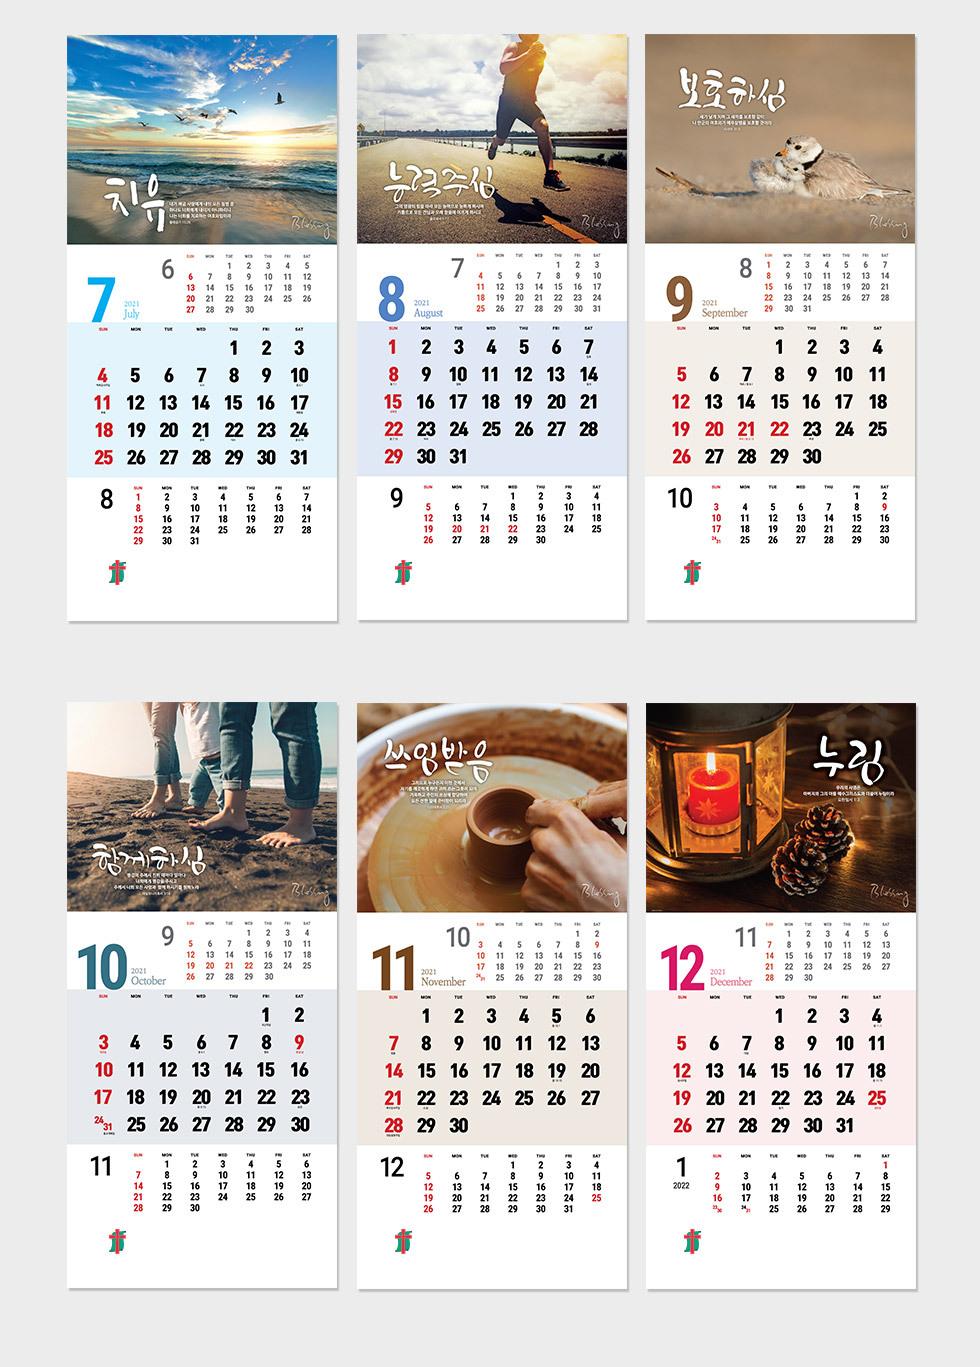 2021년 벽걸이달력 축복 Blessing - 구성1)3단통합구성 전체디자인 7월부터 12월까지